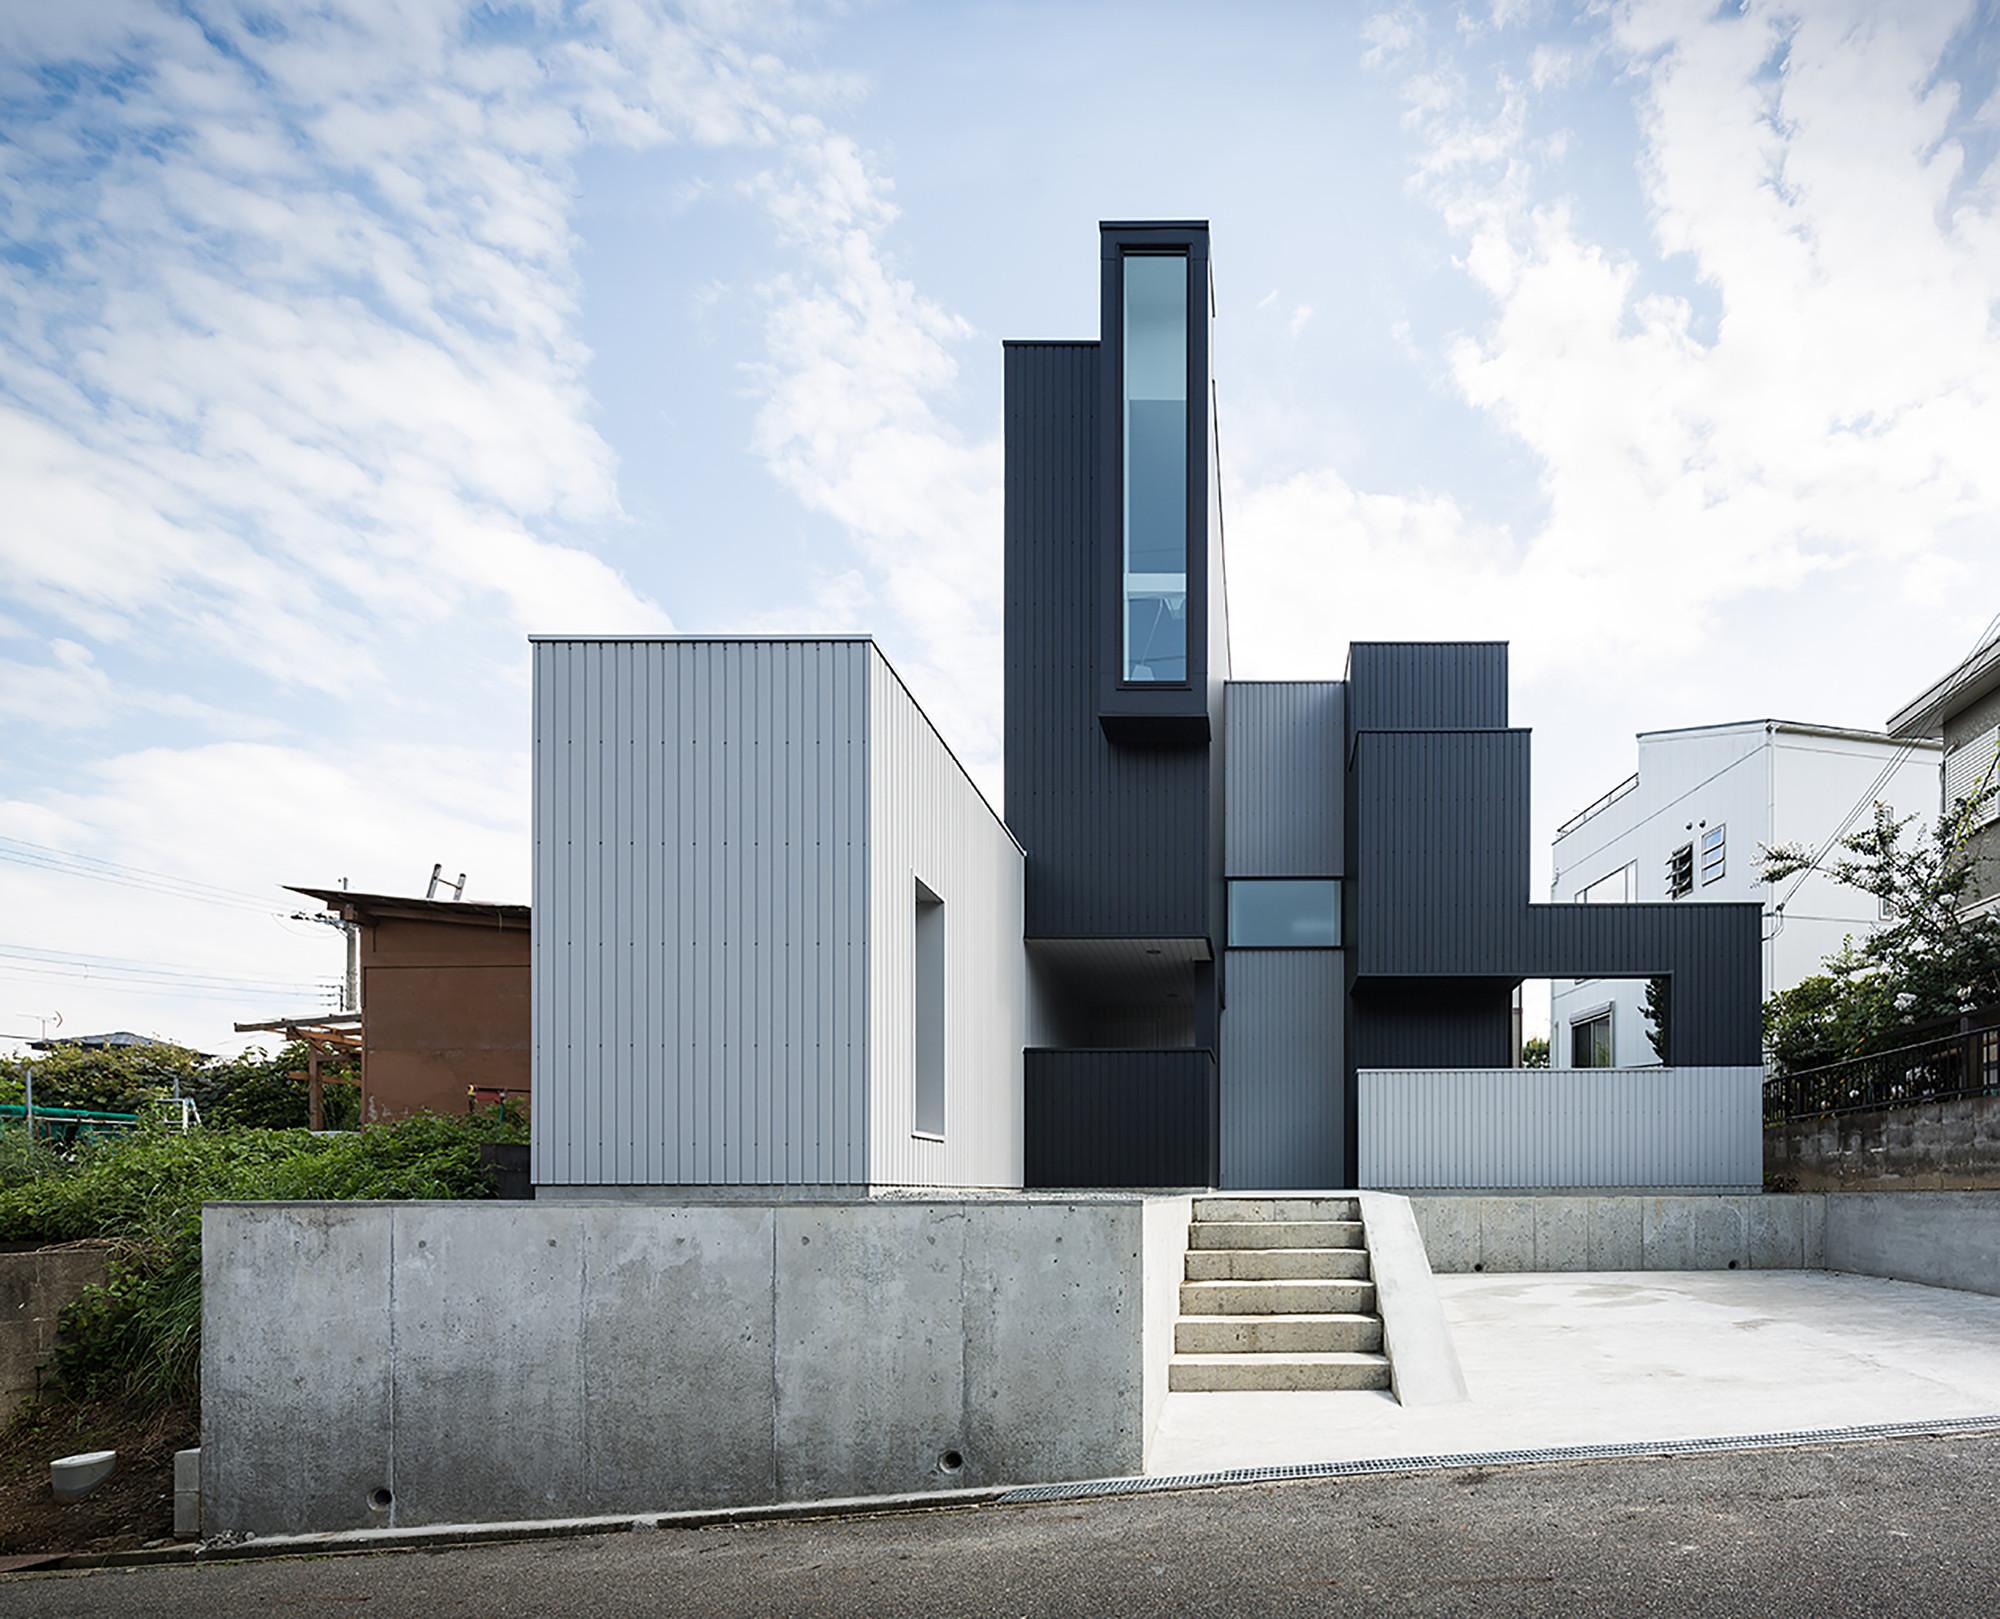 Casa de Fuga / FORM | Kouichi Kimura Architects, © Yoshihiro Asada